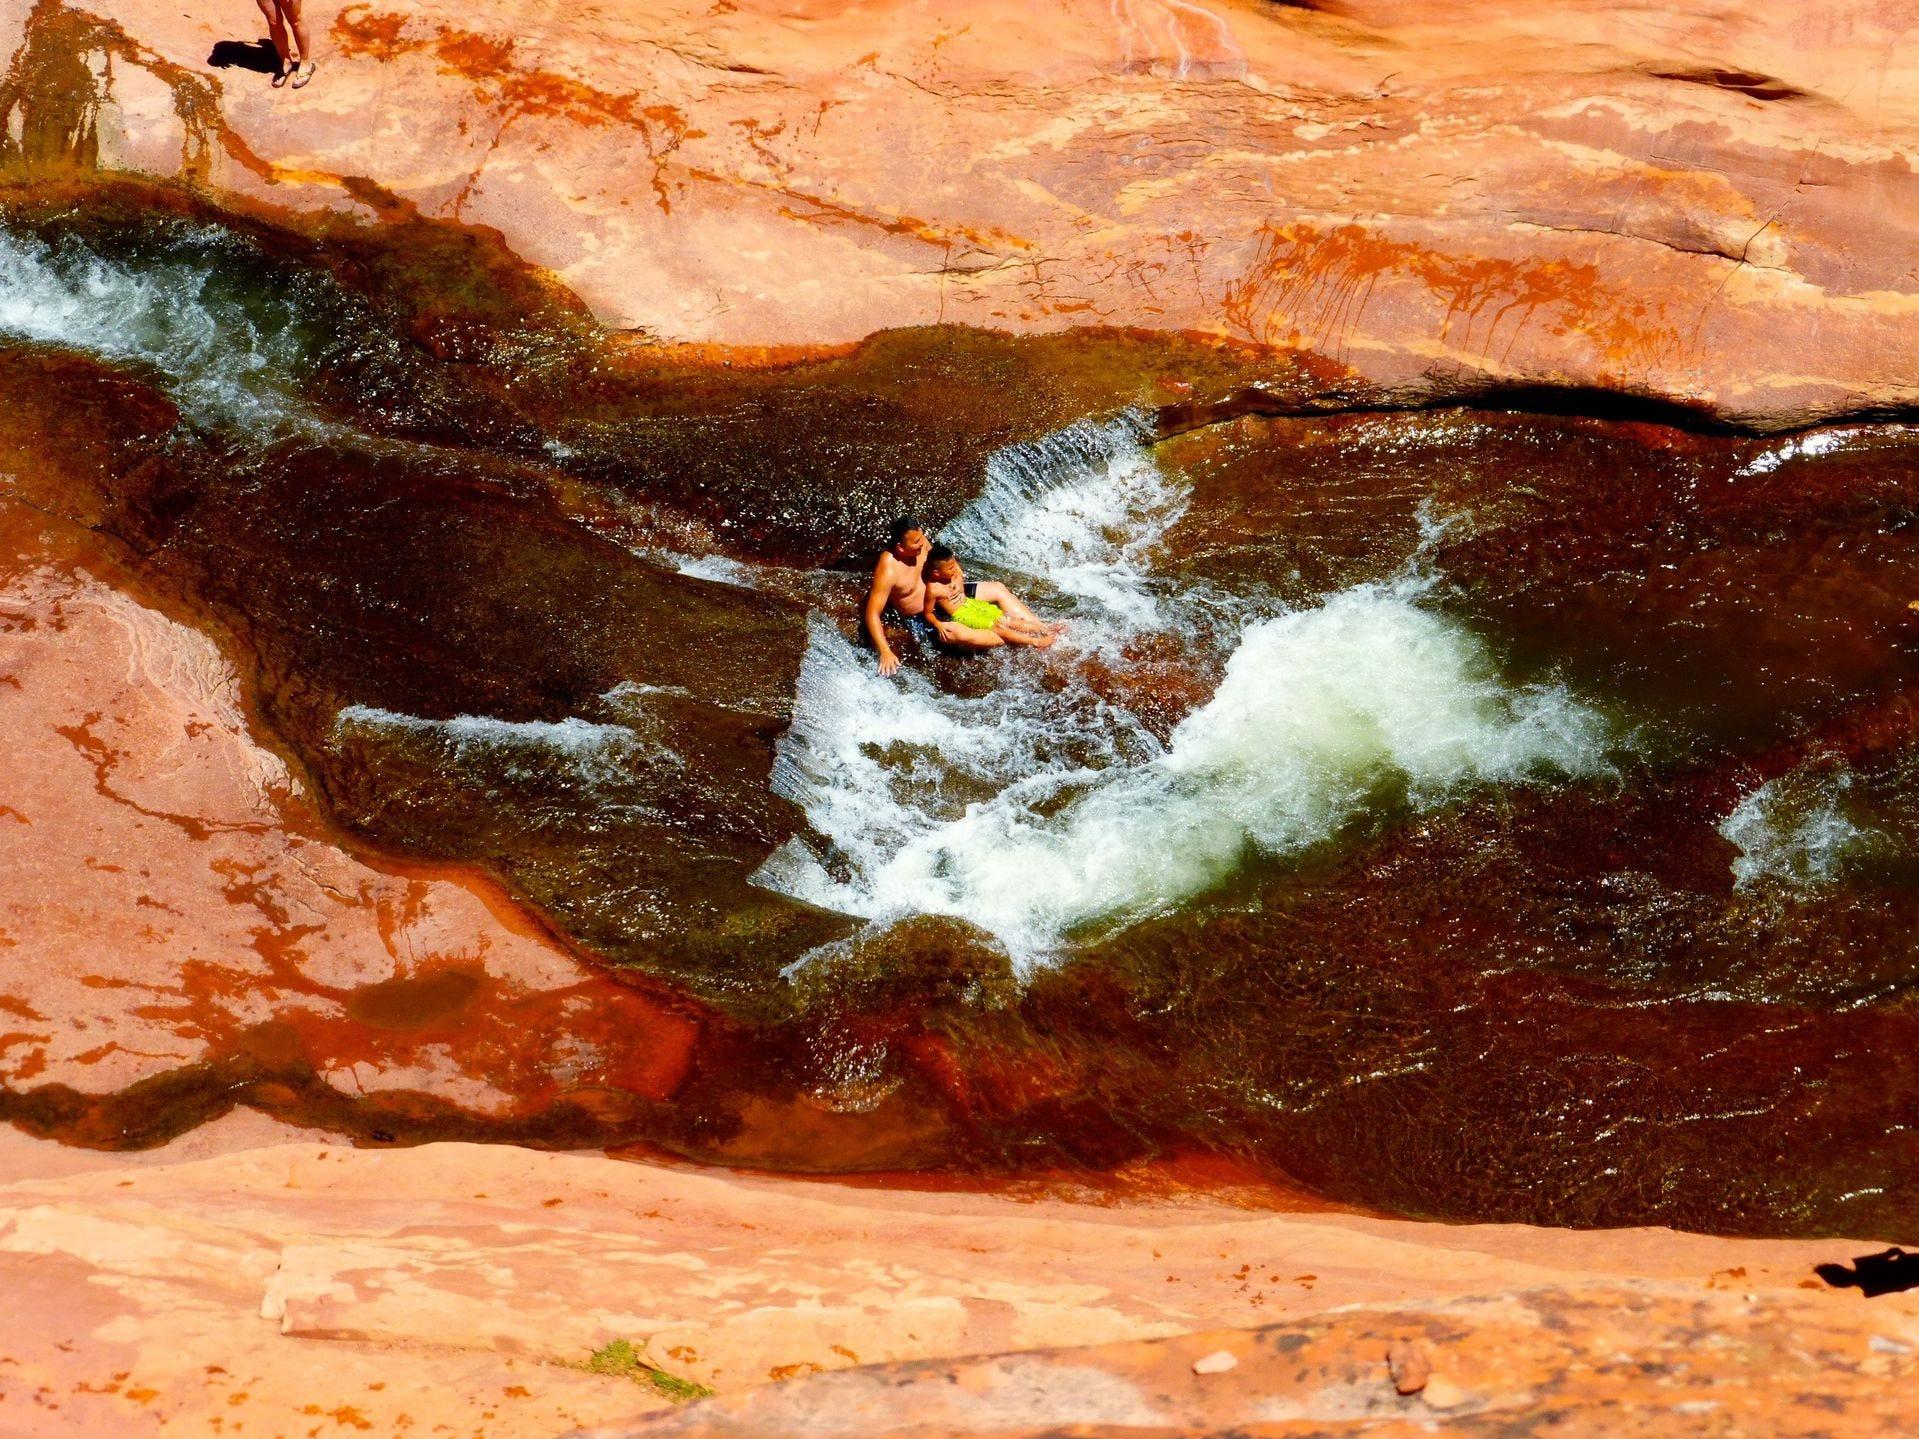 Las orillas pedregosas de Oak Creek forman un tobogán de agua natural en el Parque Estatal Slide Rock en Sedona.